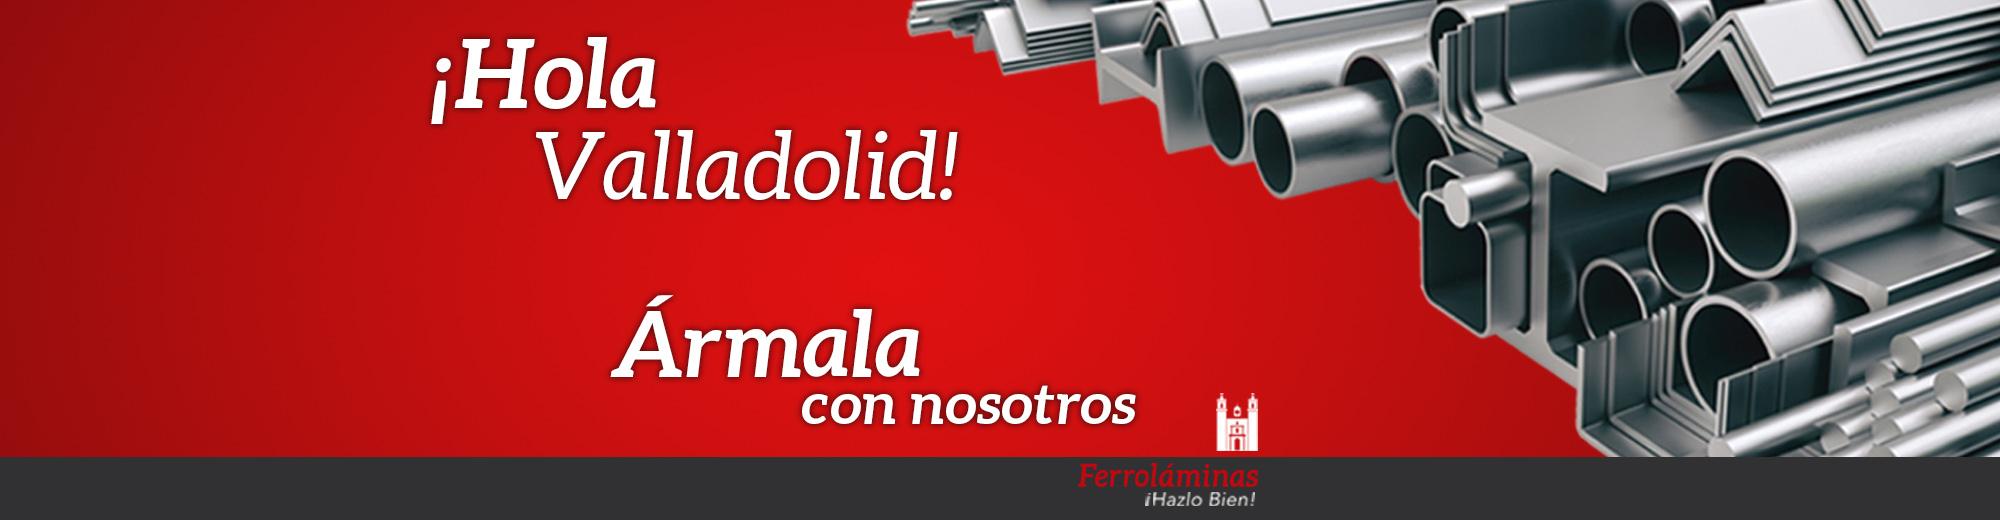 WEB-Hola-Valladolid-general